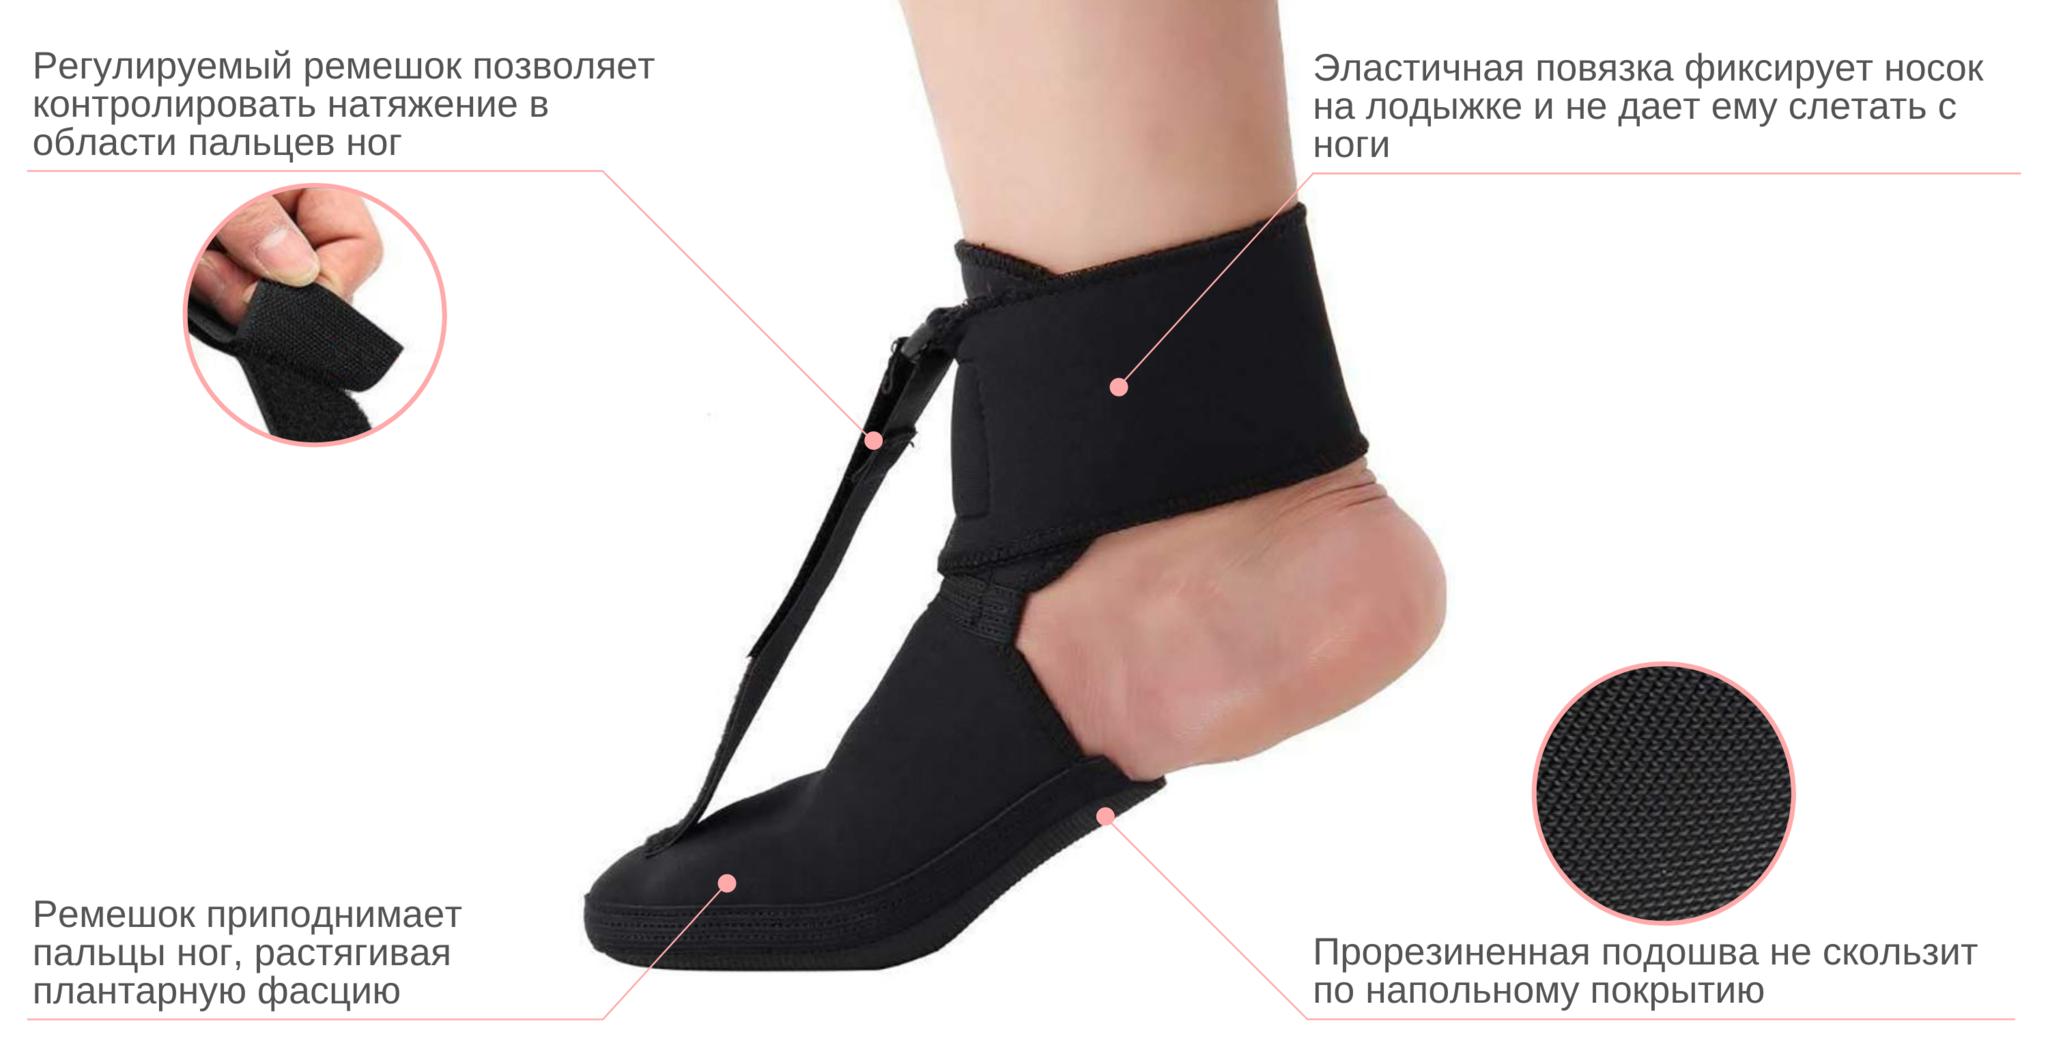 Страсбургский носок ортопедический для лечения пяточной шпоры